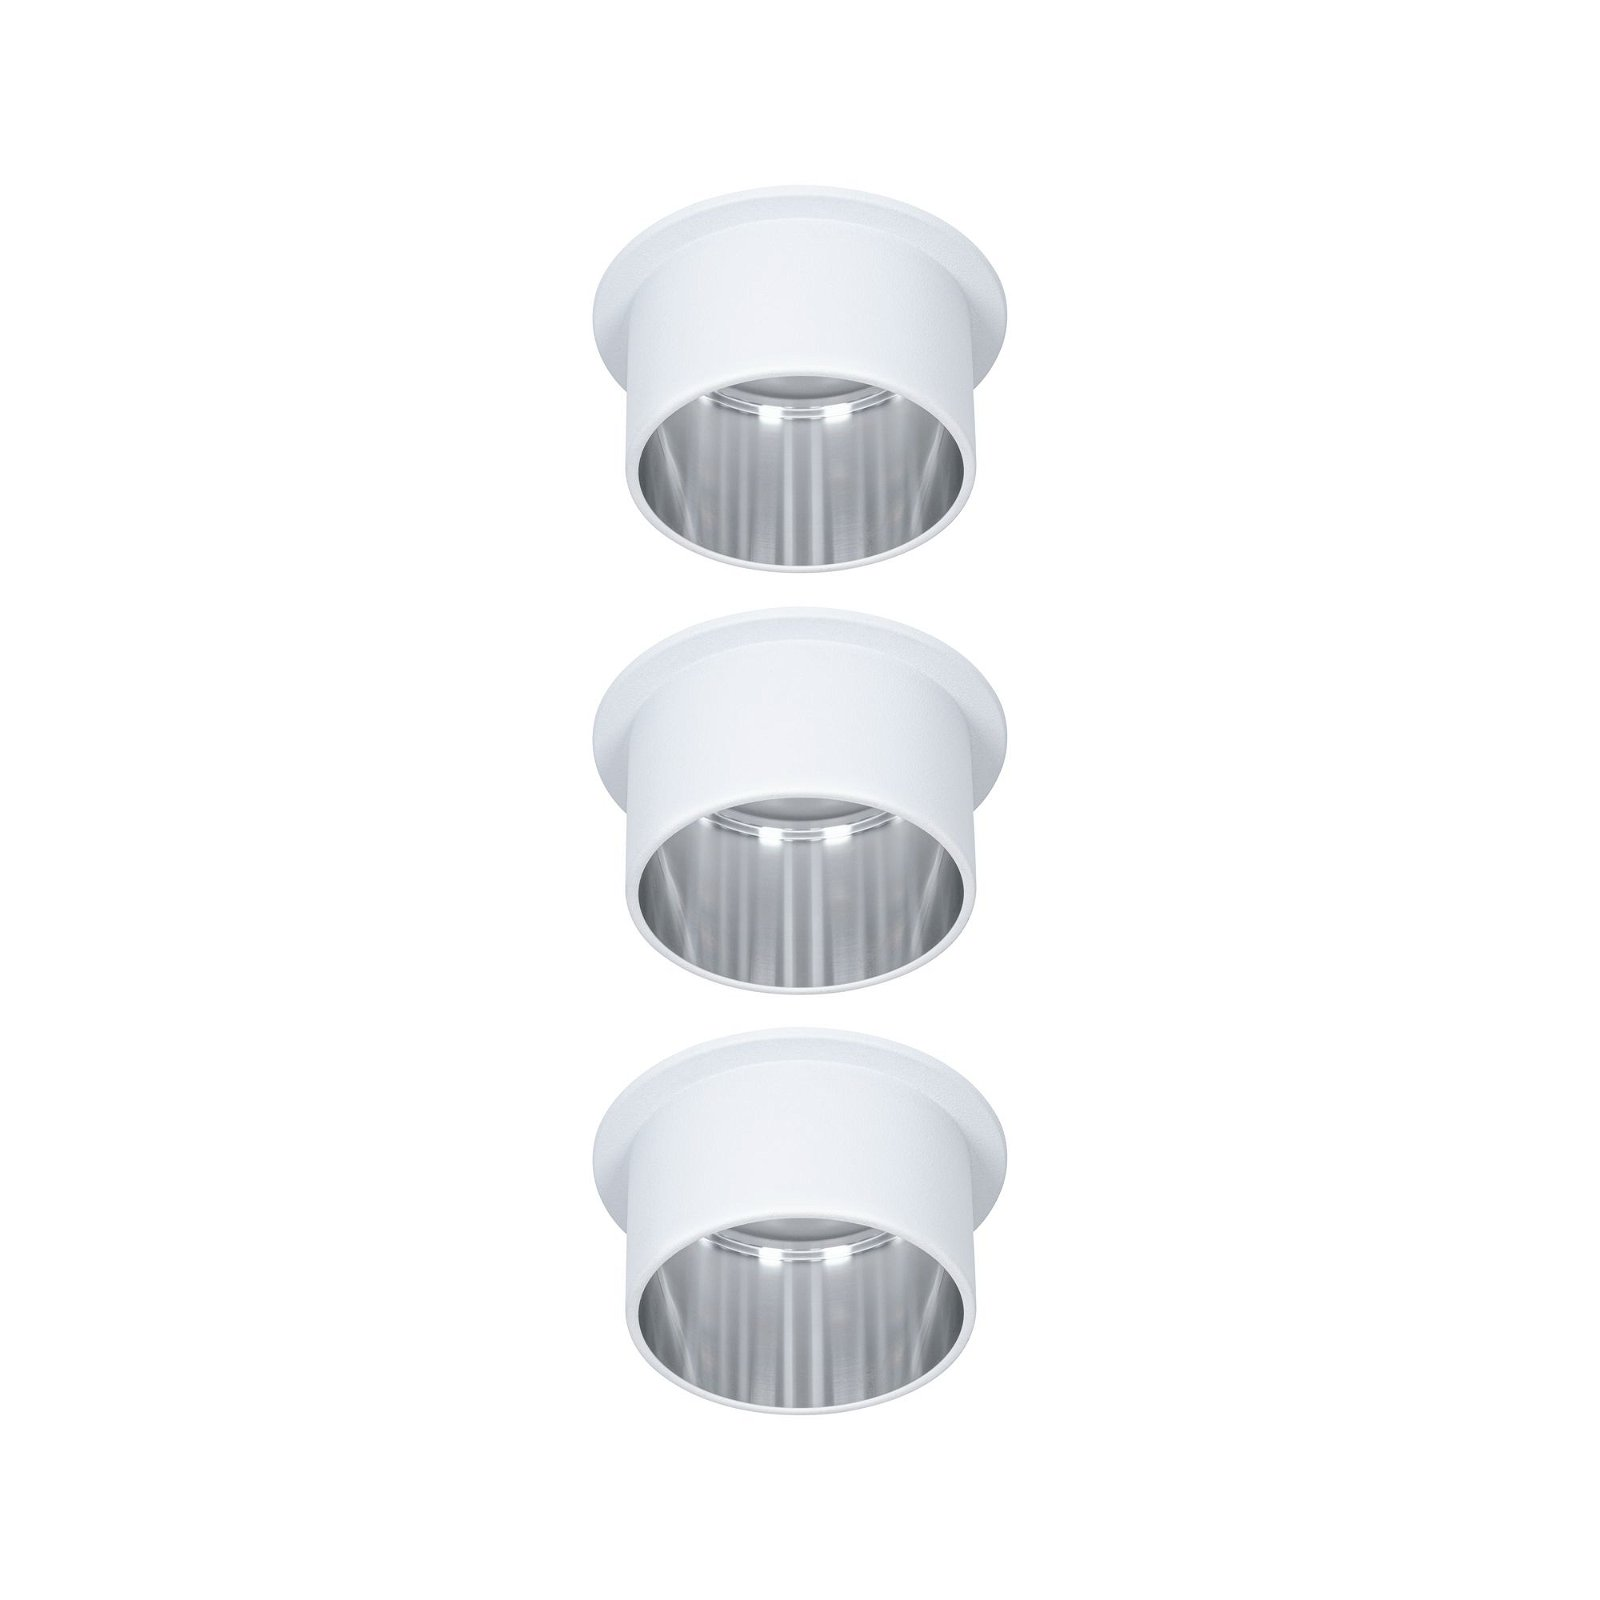 Spot encastré LED 3-Step-Dim Gil Coin Kit de base IP44 rond 68mm Coin 3x6W 3x470lm 230V 2700K Blanc dépoli/Acier brossé